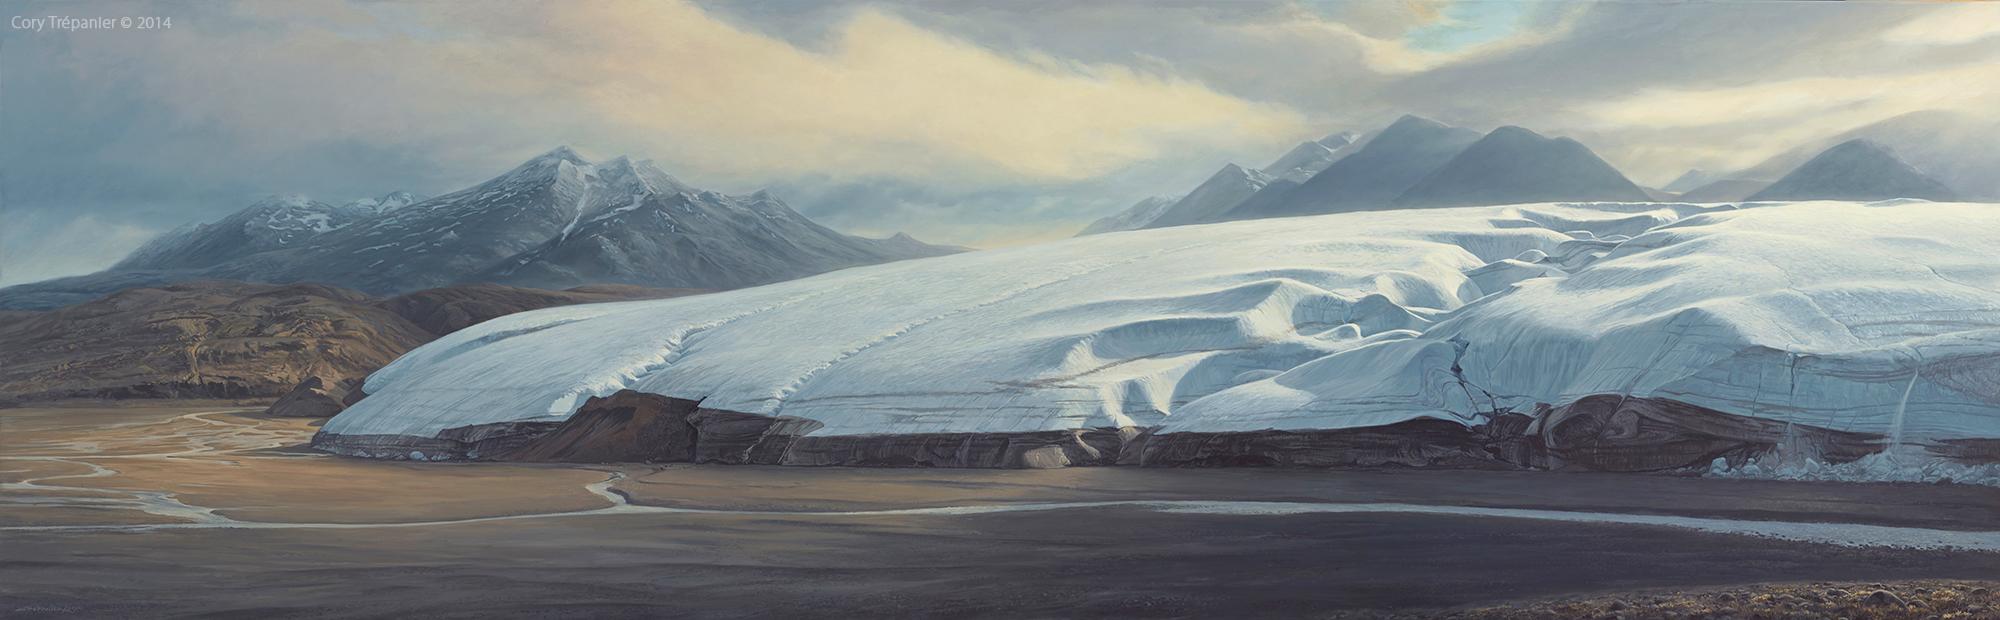 Glacierside